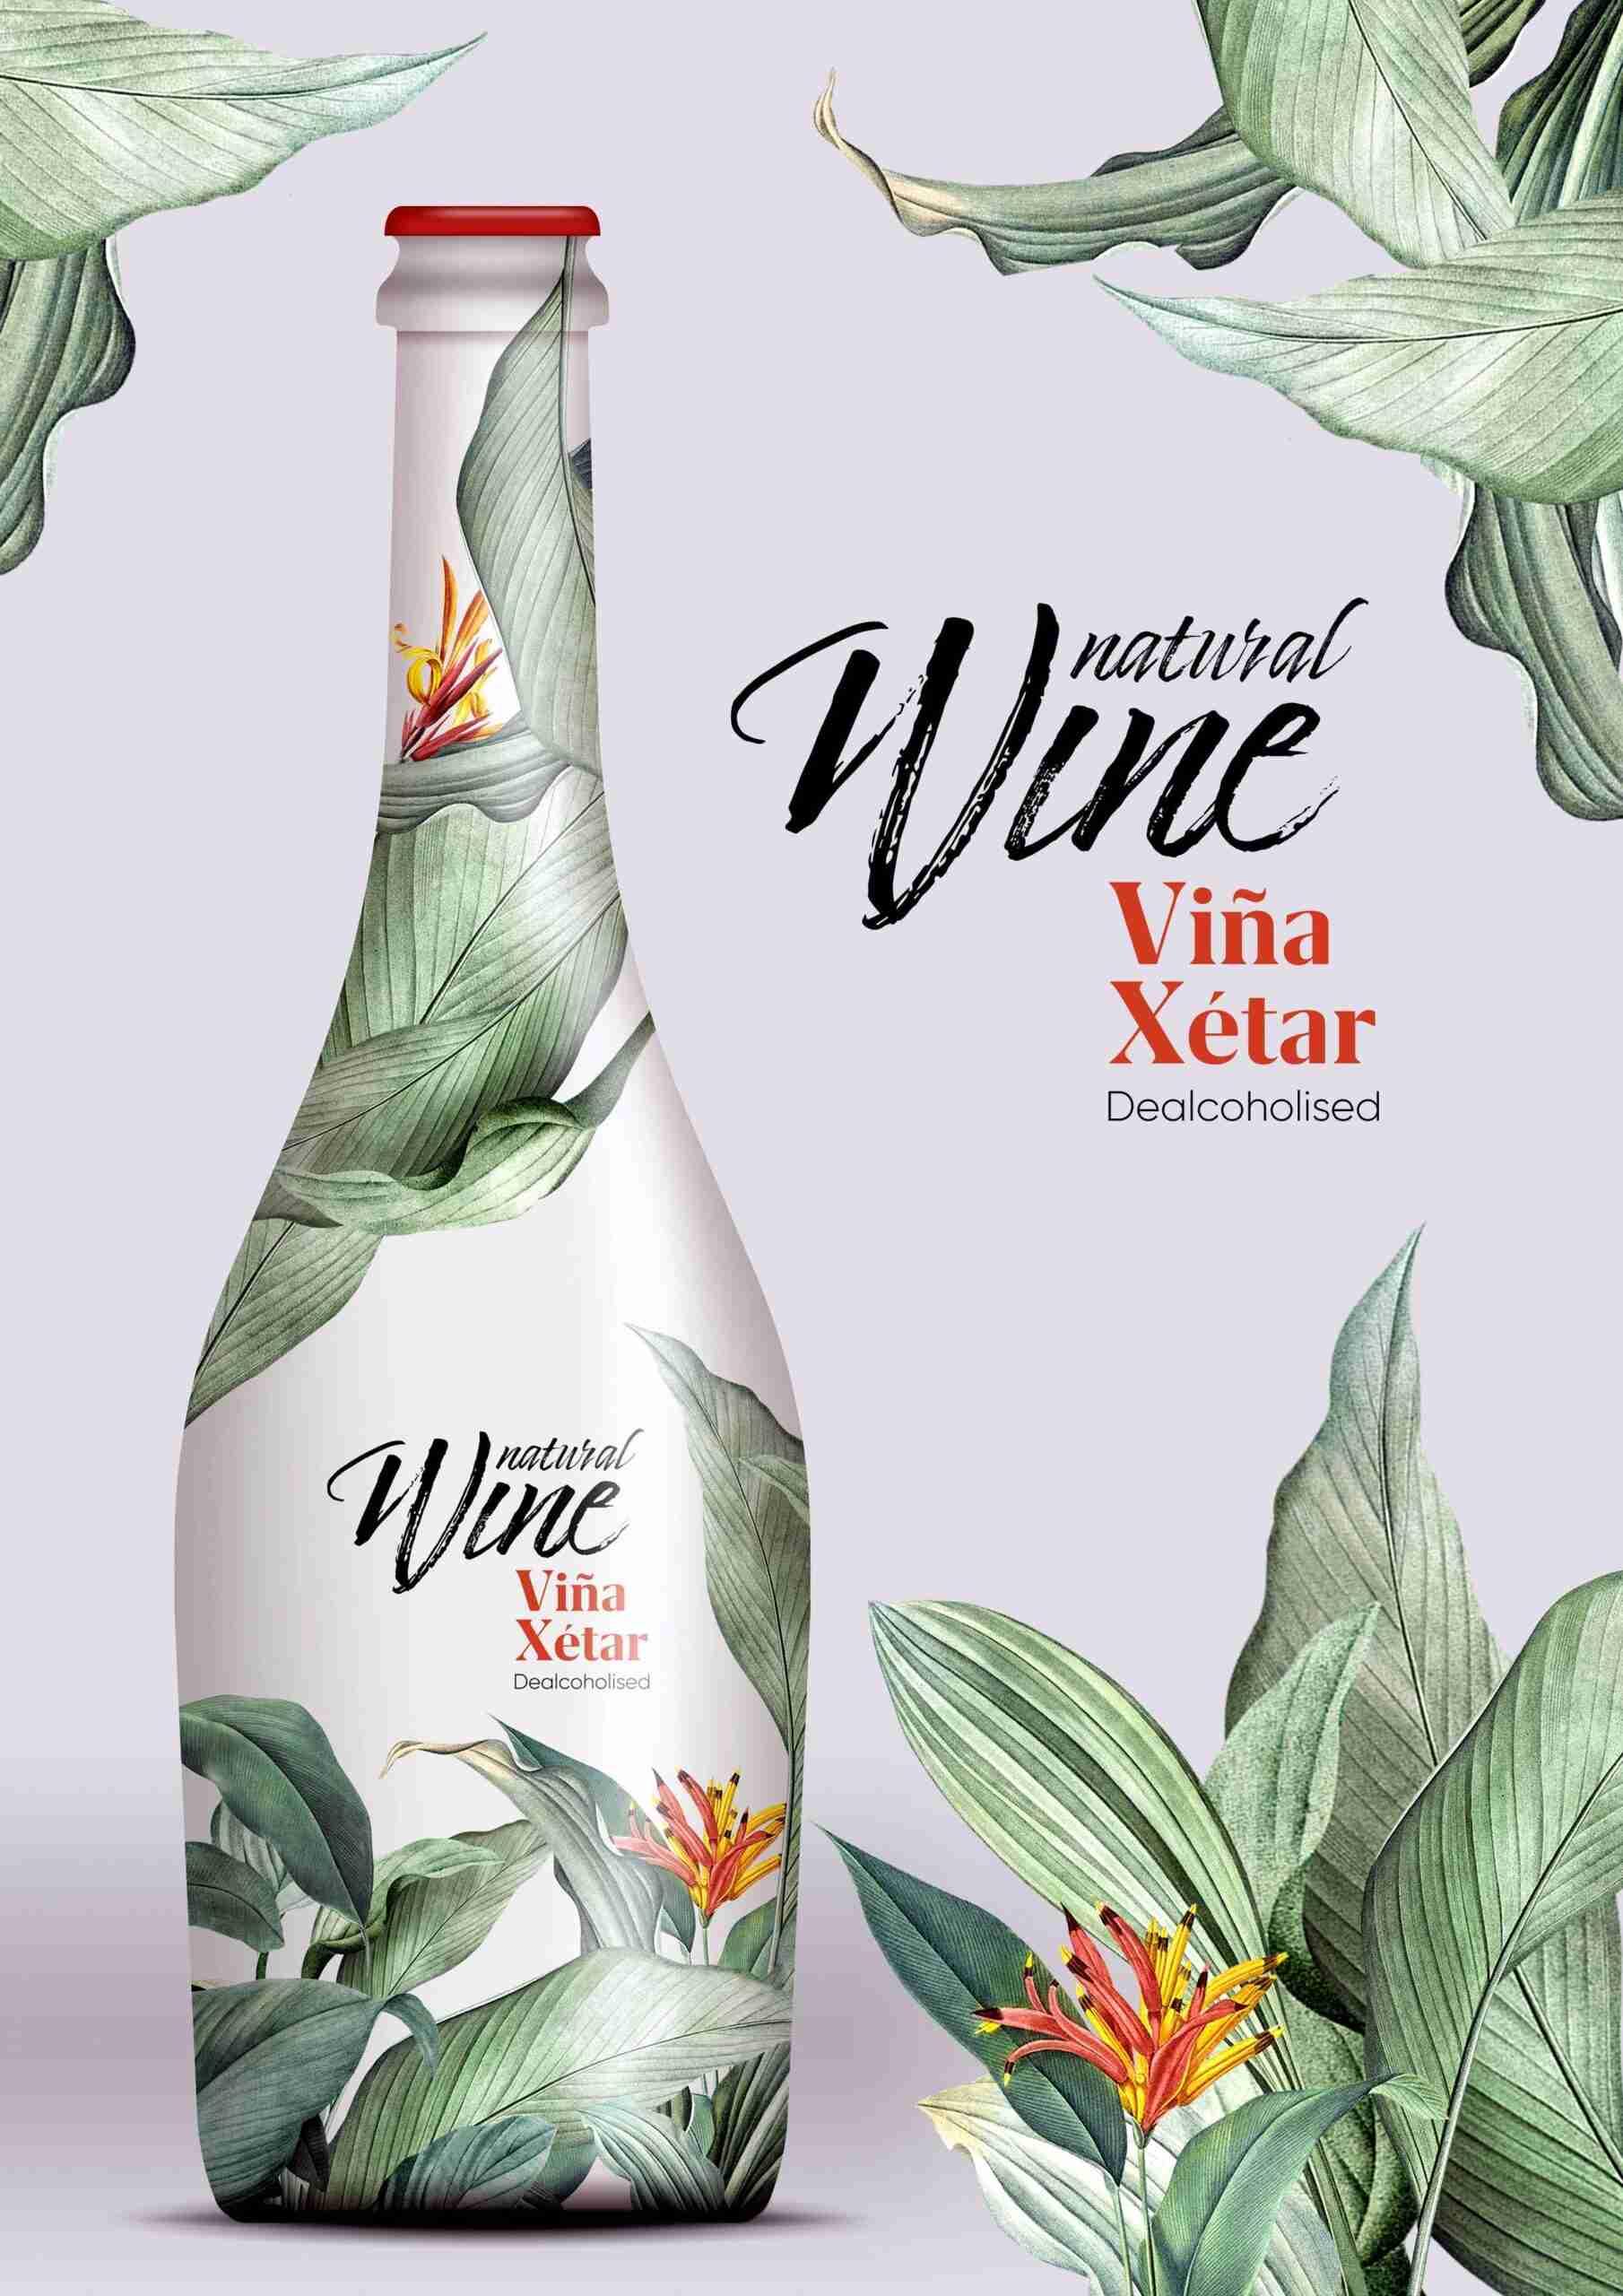 """Nace el nuevo """"Viña Xétar Sin"""" de El Progreso, espumoso sin alcohol con look tropical para dar la bienvenida al verano 1"""